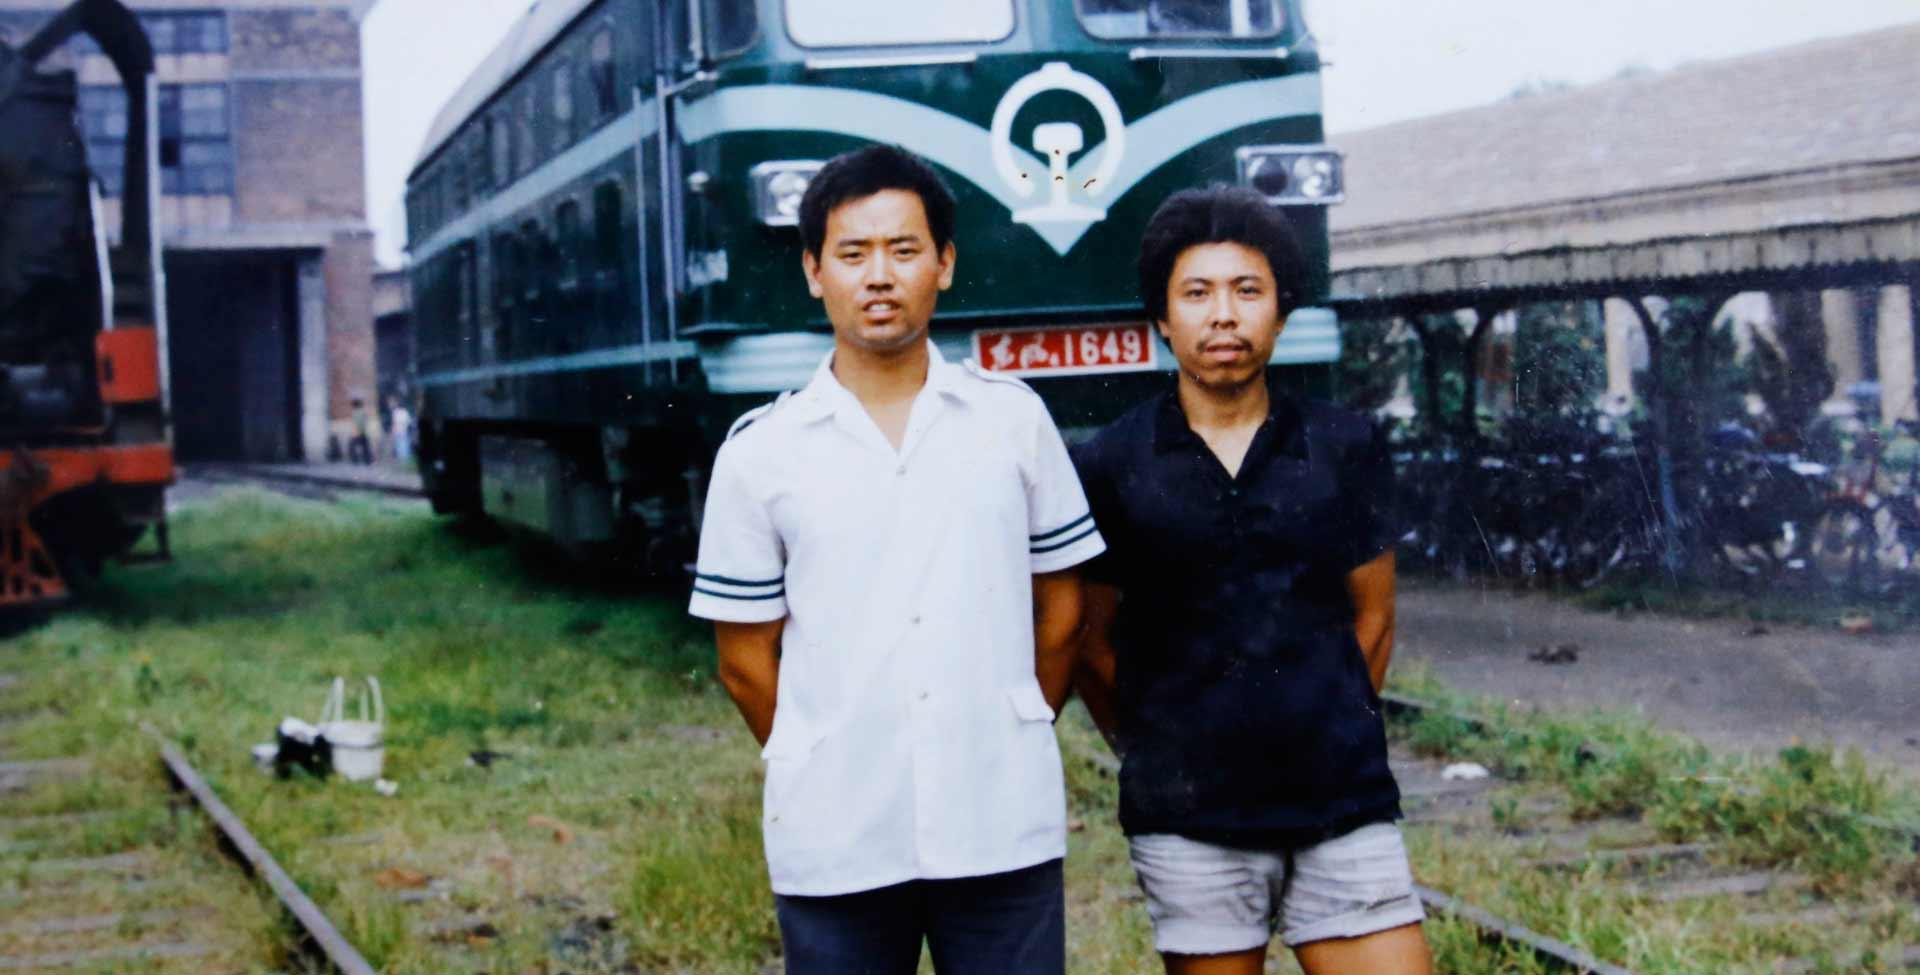 從蒸汽機車到動車 一個火車司機40年的鐵路情緣